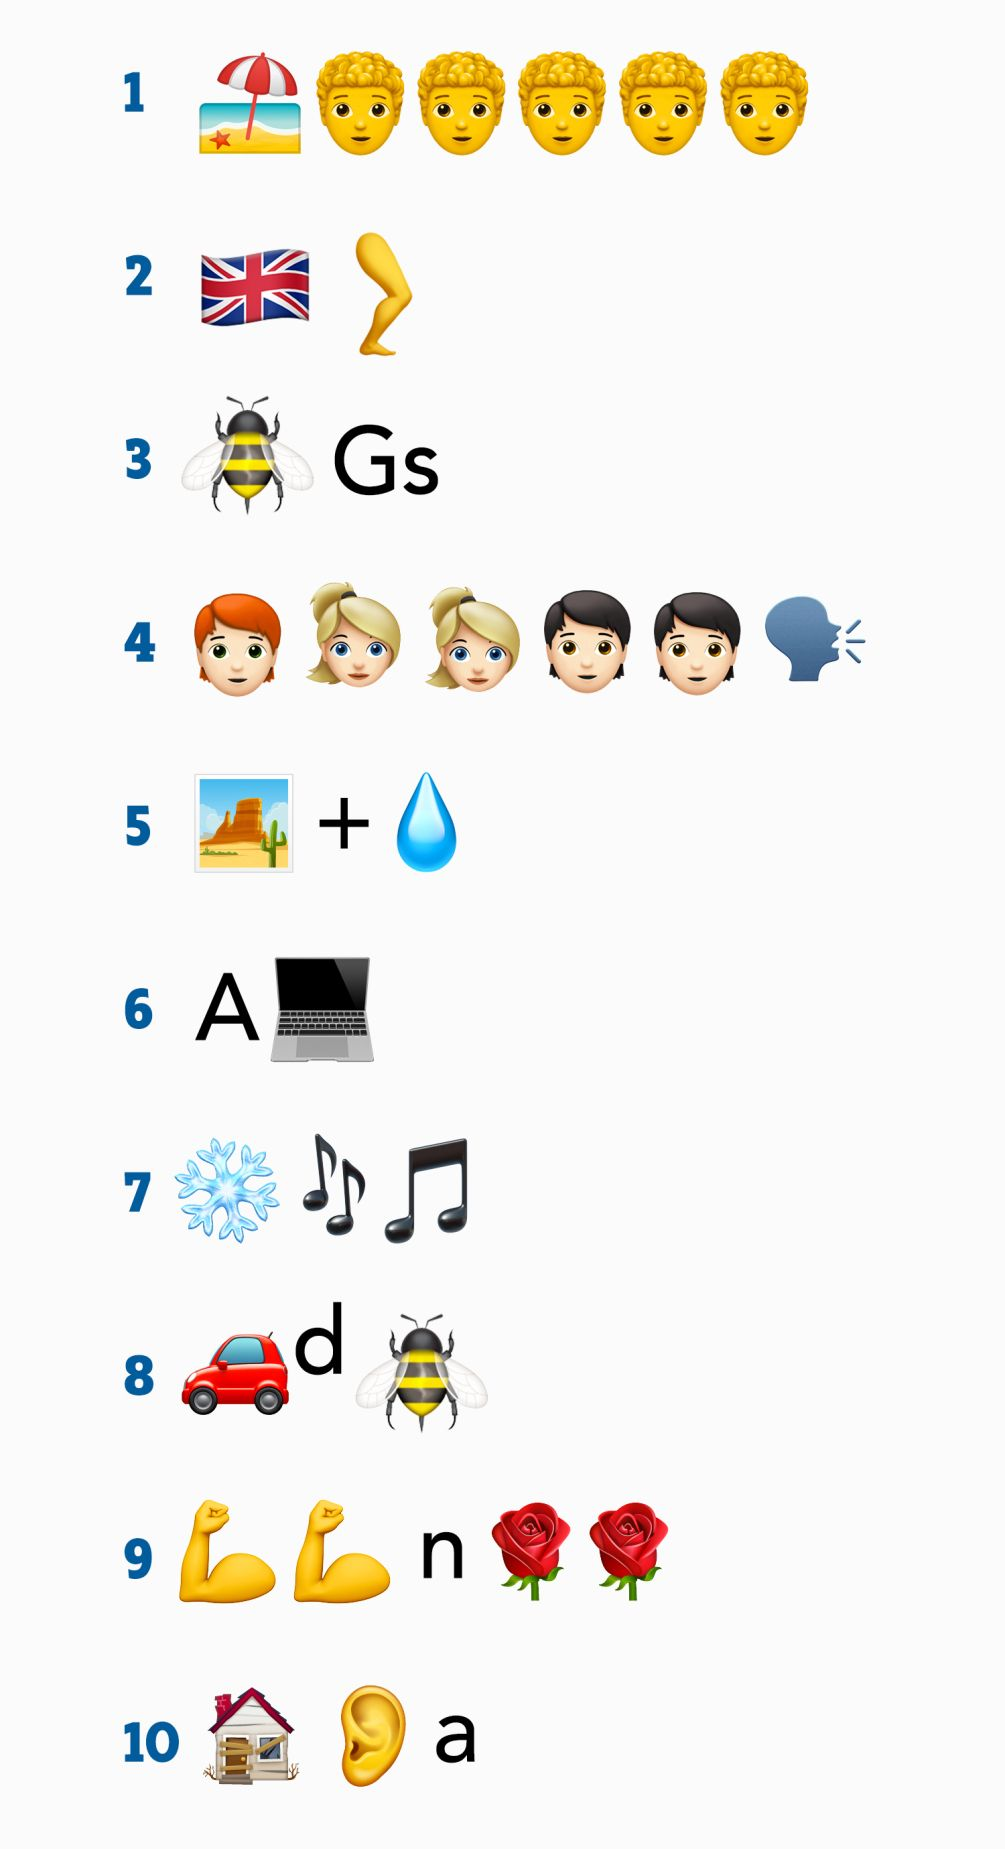 39+ Wedding ring emoji answer ideas in 2021